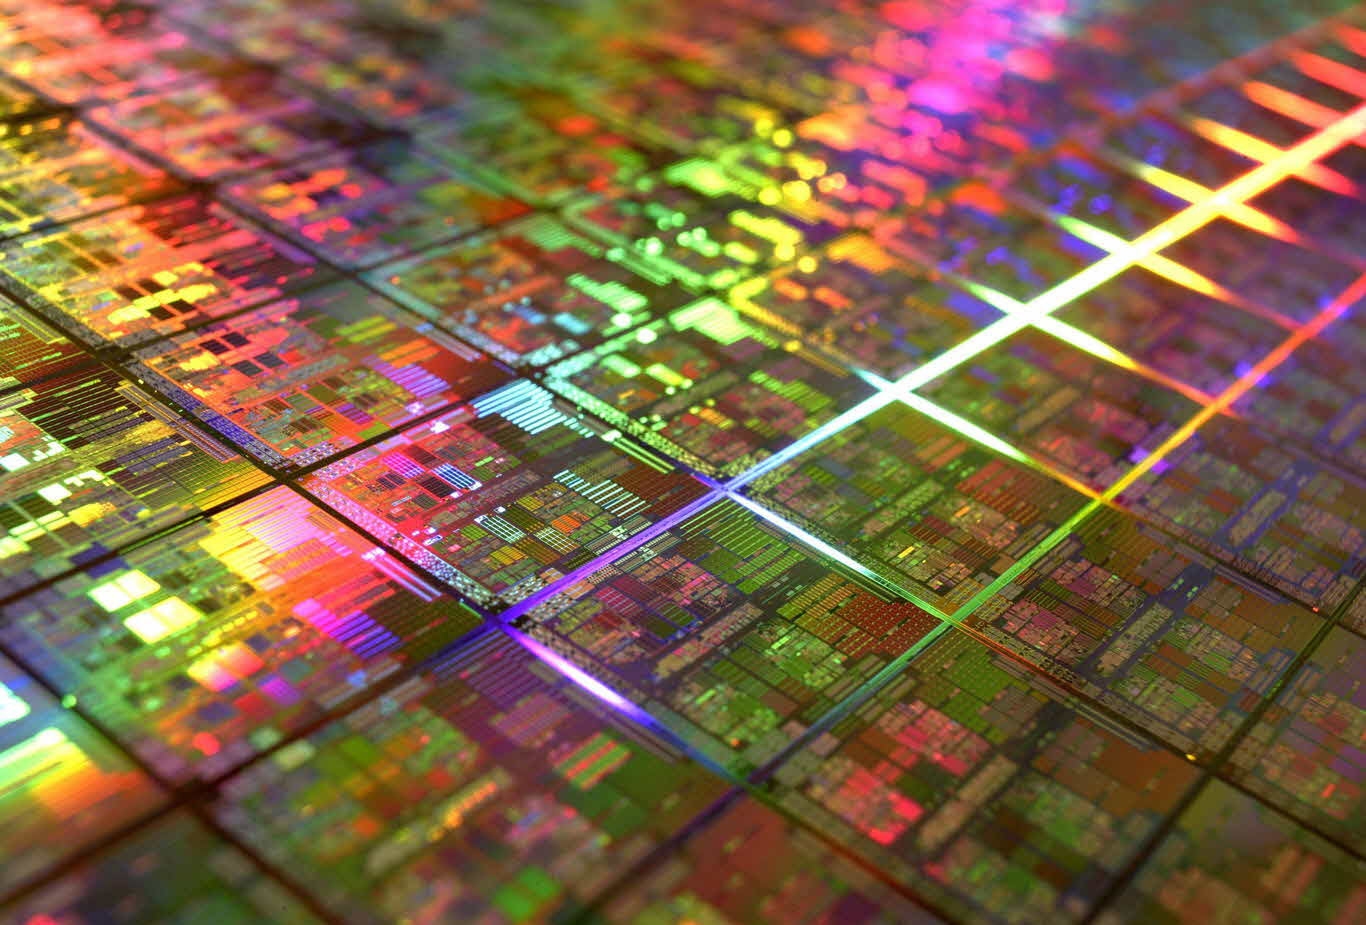 Es posible instalar actualizaciones de Windows 7 y 8.1 con los últimos procesadores de Intel y AMD